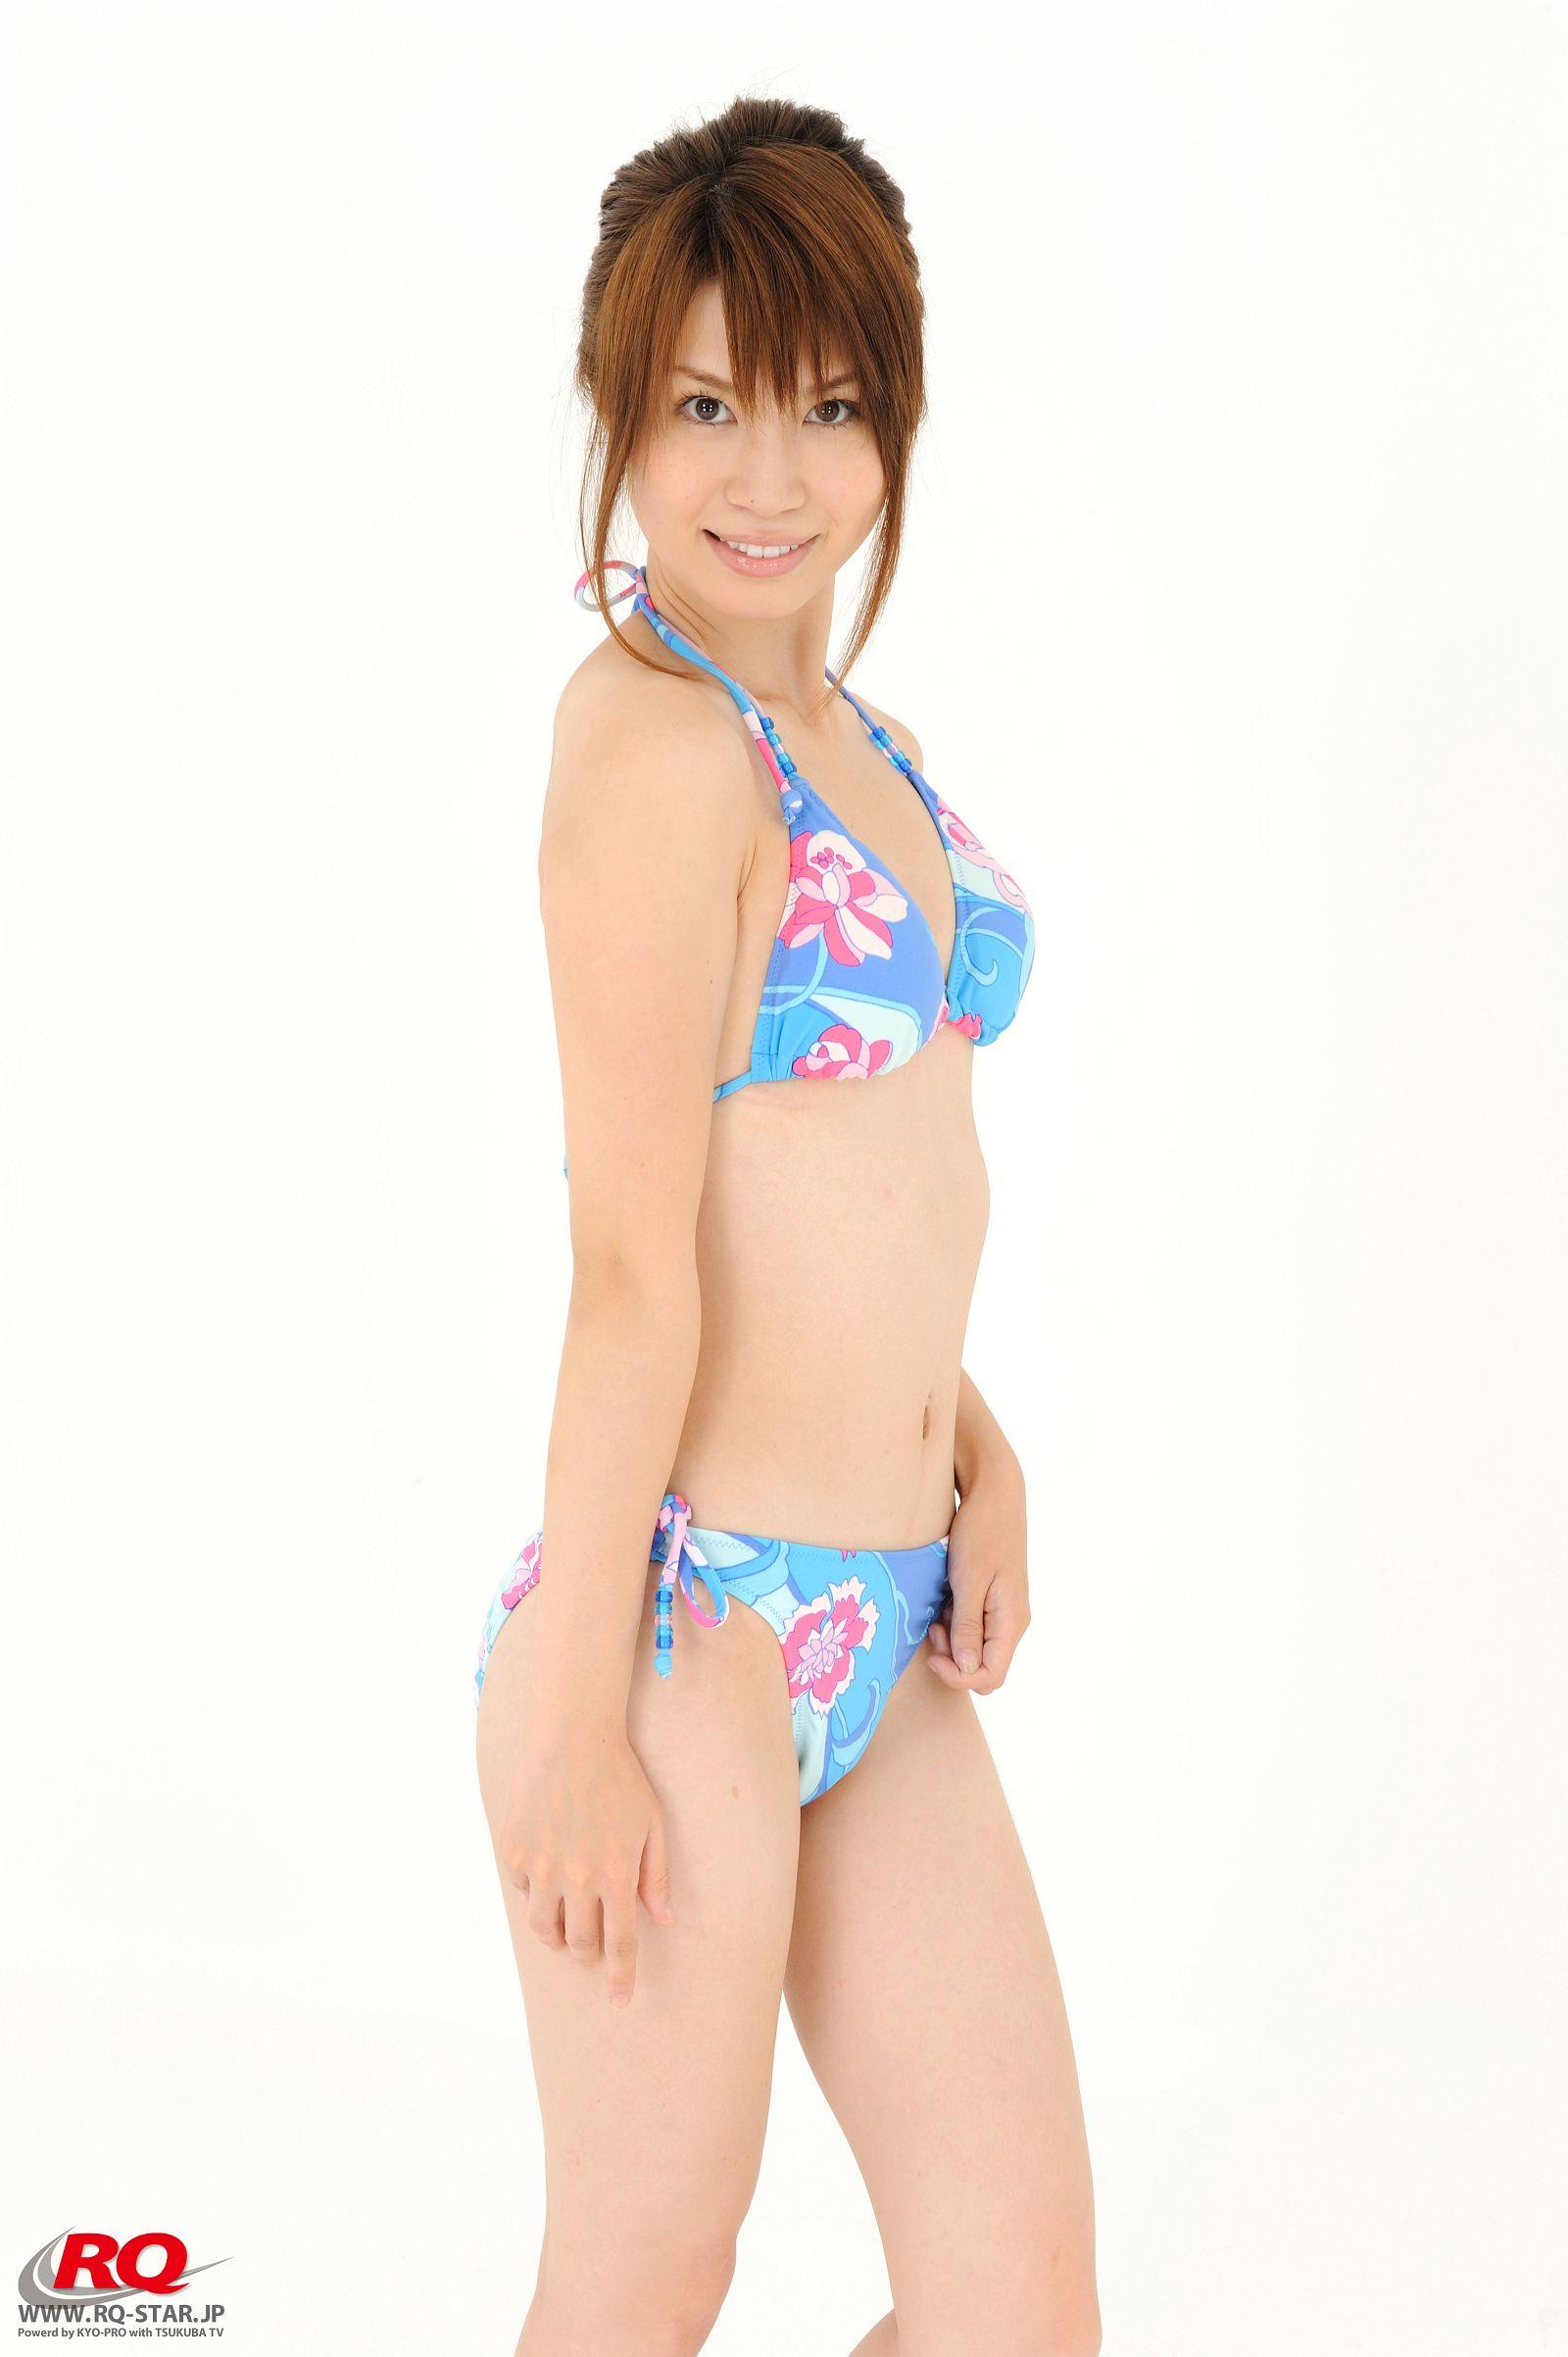 [RQ STAR美女] NO.0042 Aki Kogure 苤贍丐五 Swim Suits Blue[56P] RQ STAR 第3张